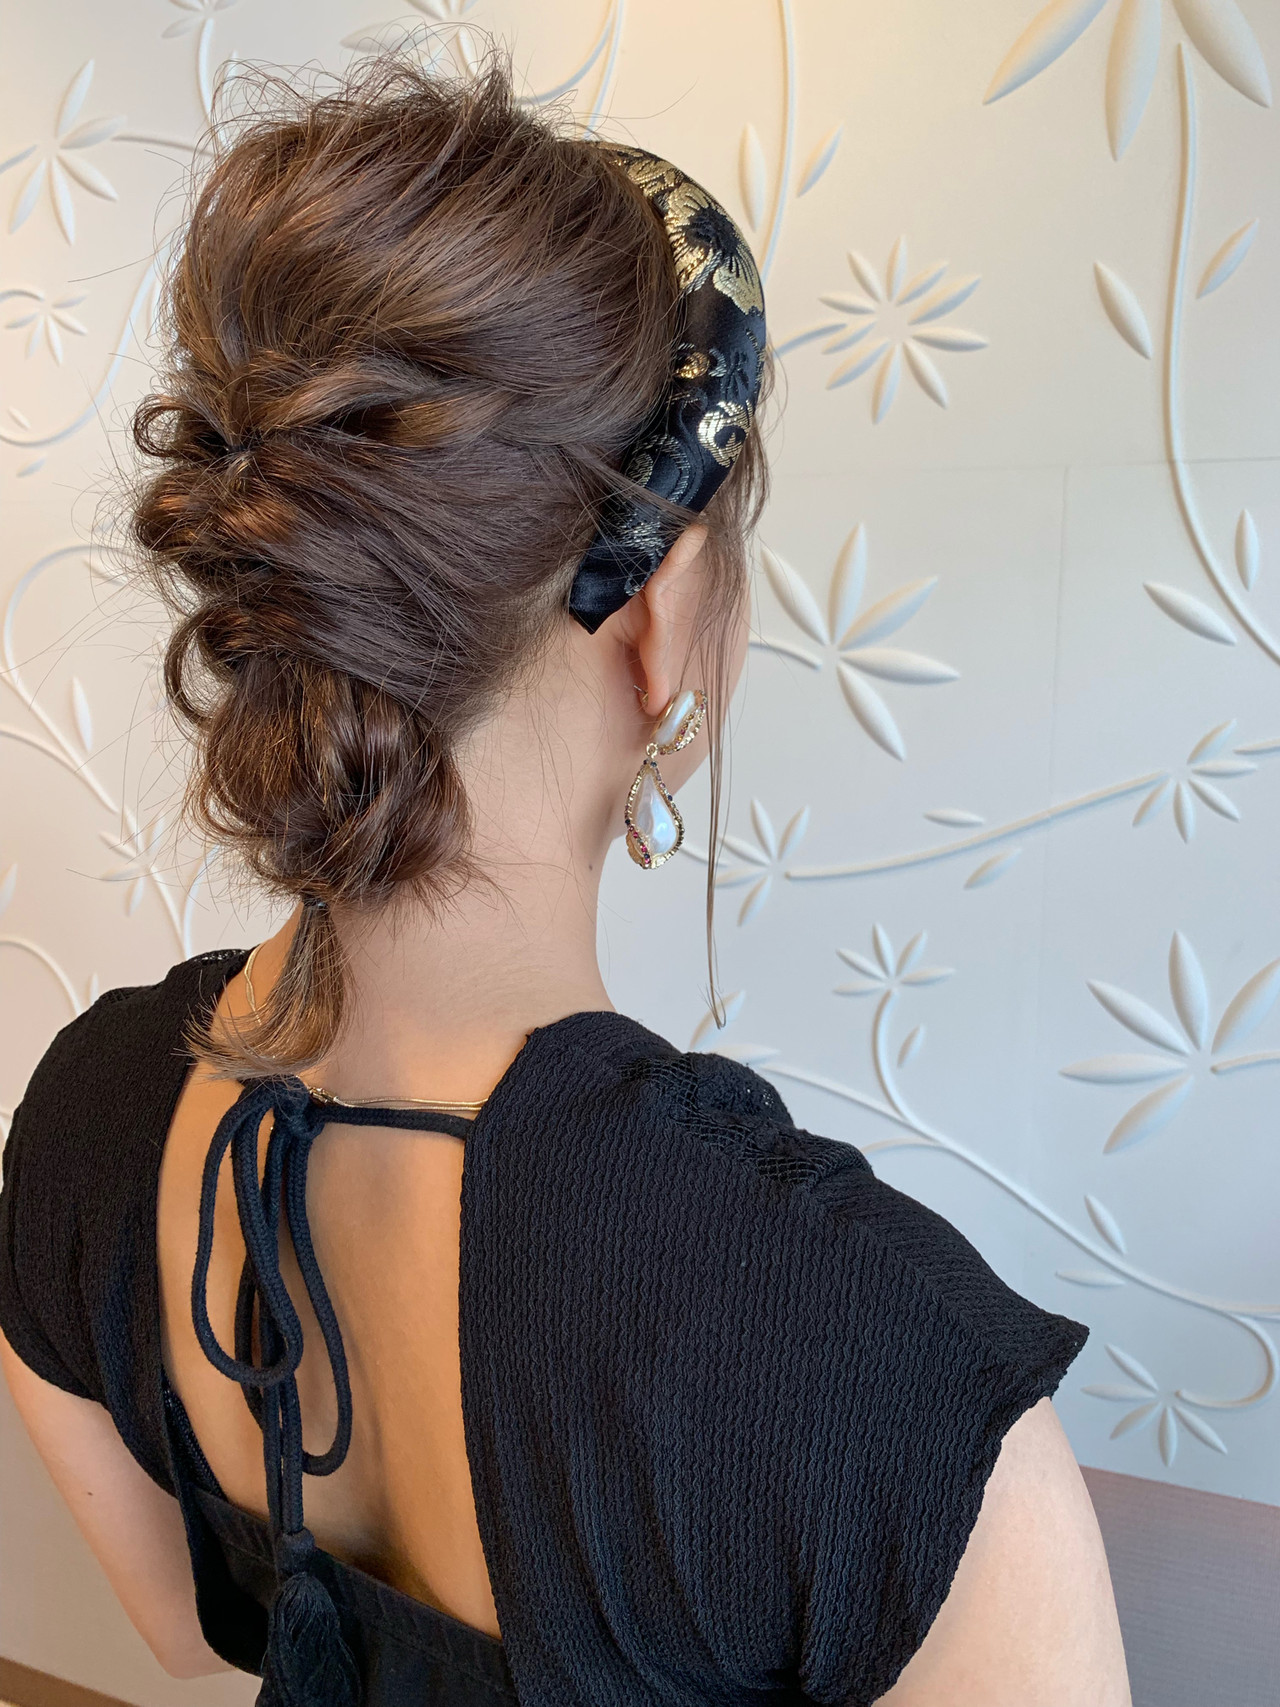 ミディアム エレガント デート 簡単ヘアアレンジ ヘアスタイルや髪型の写真・画像